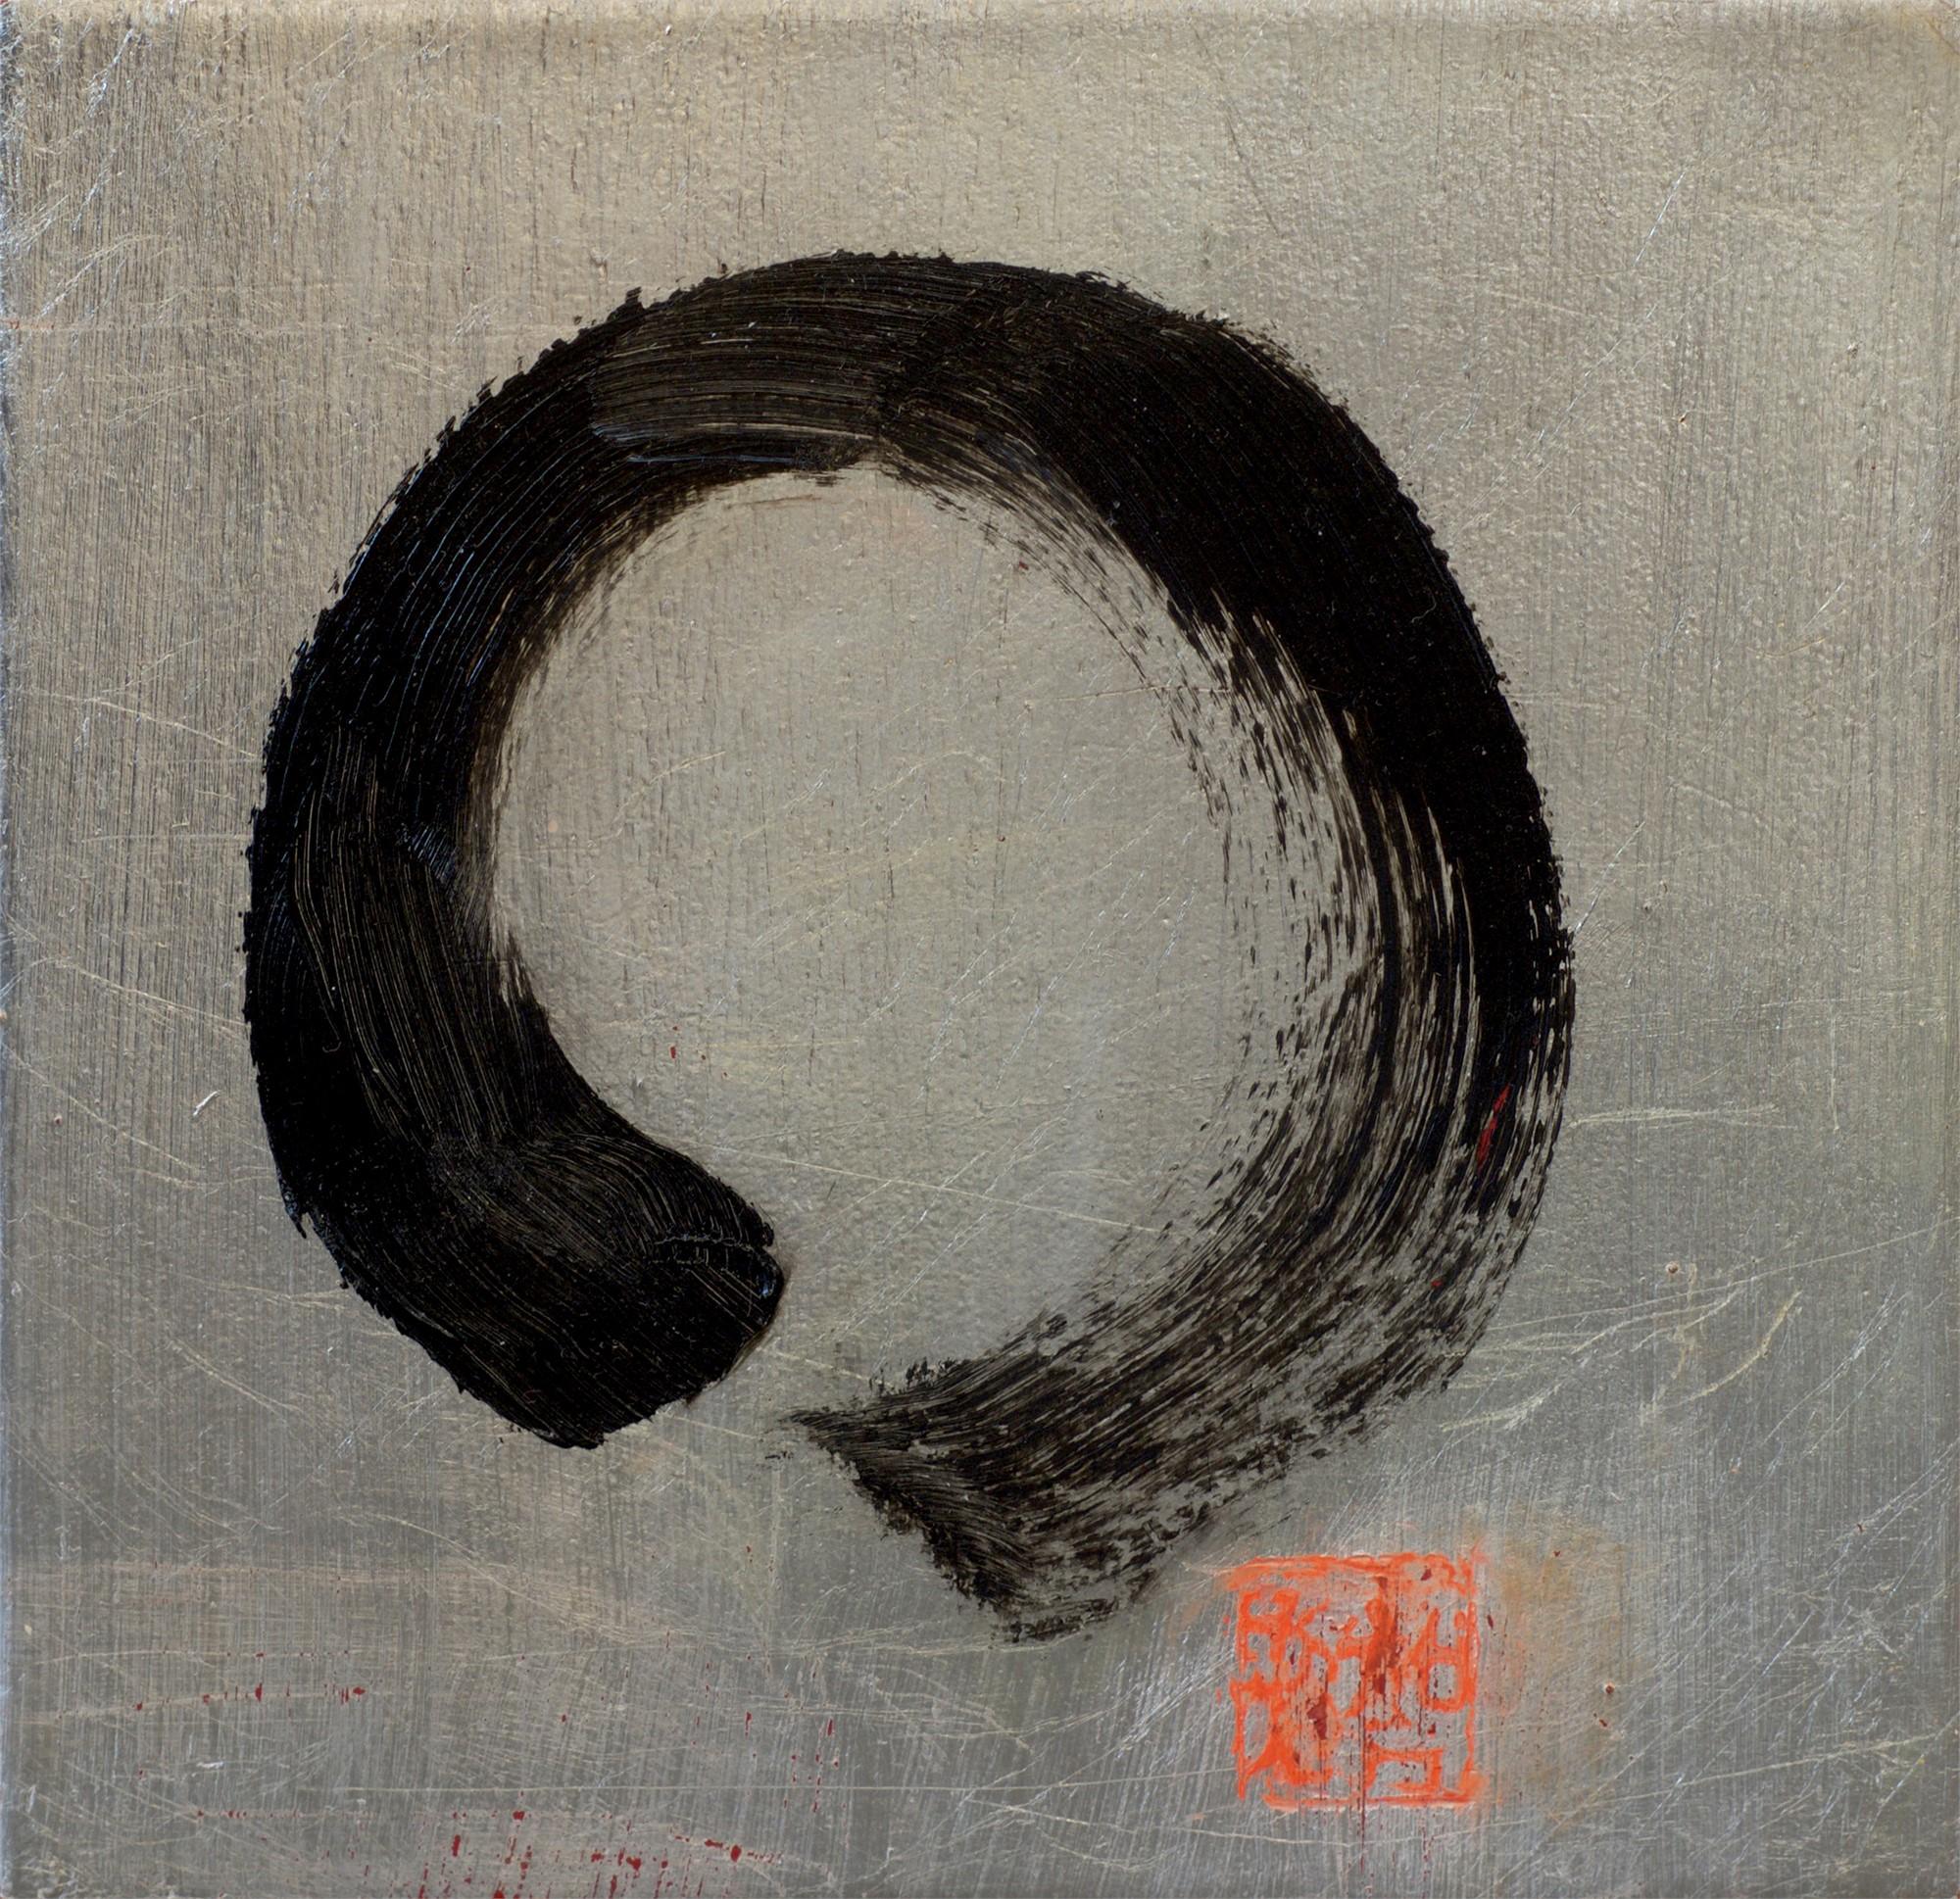 Enso by Chisho Maas